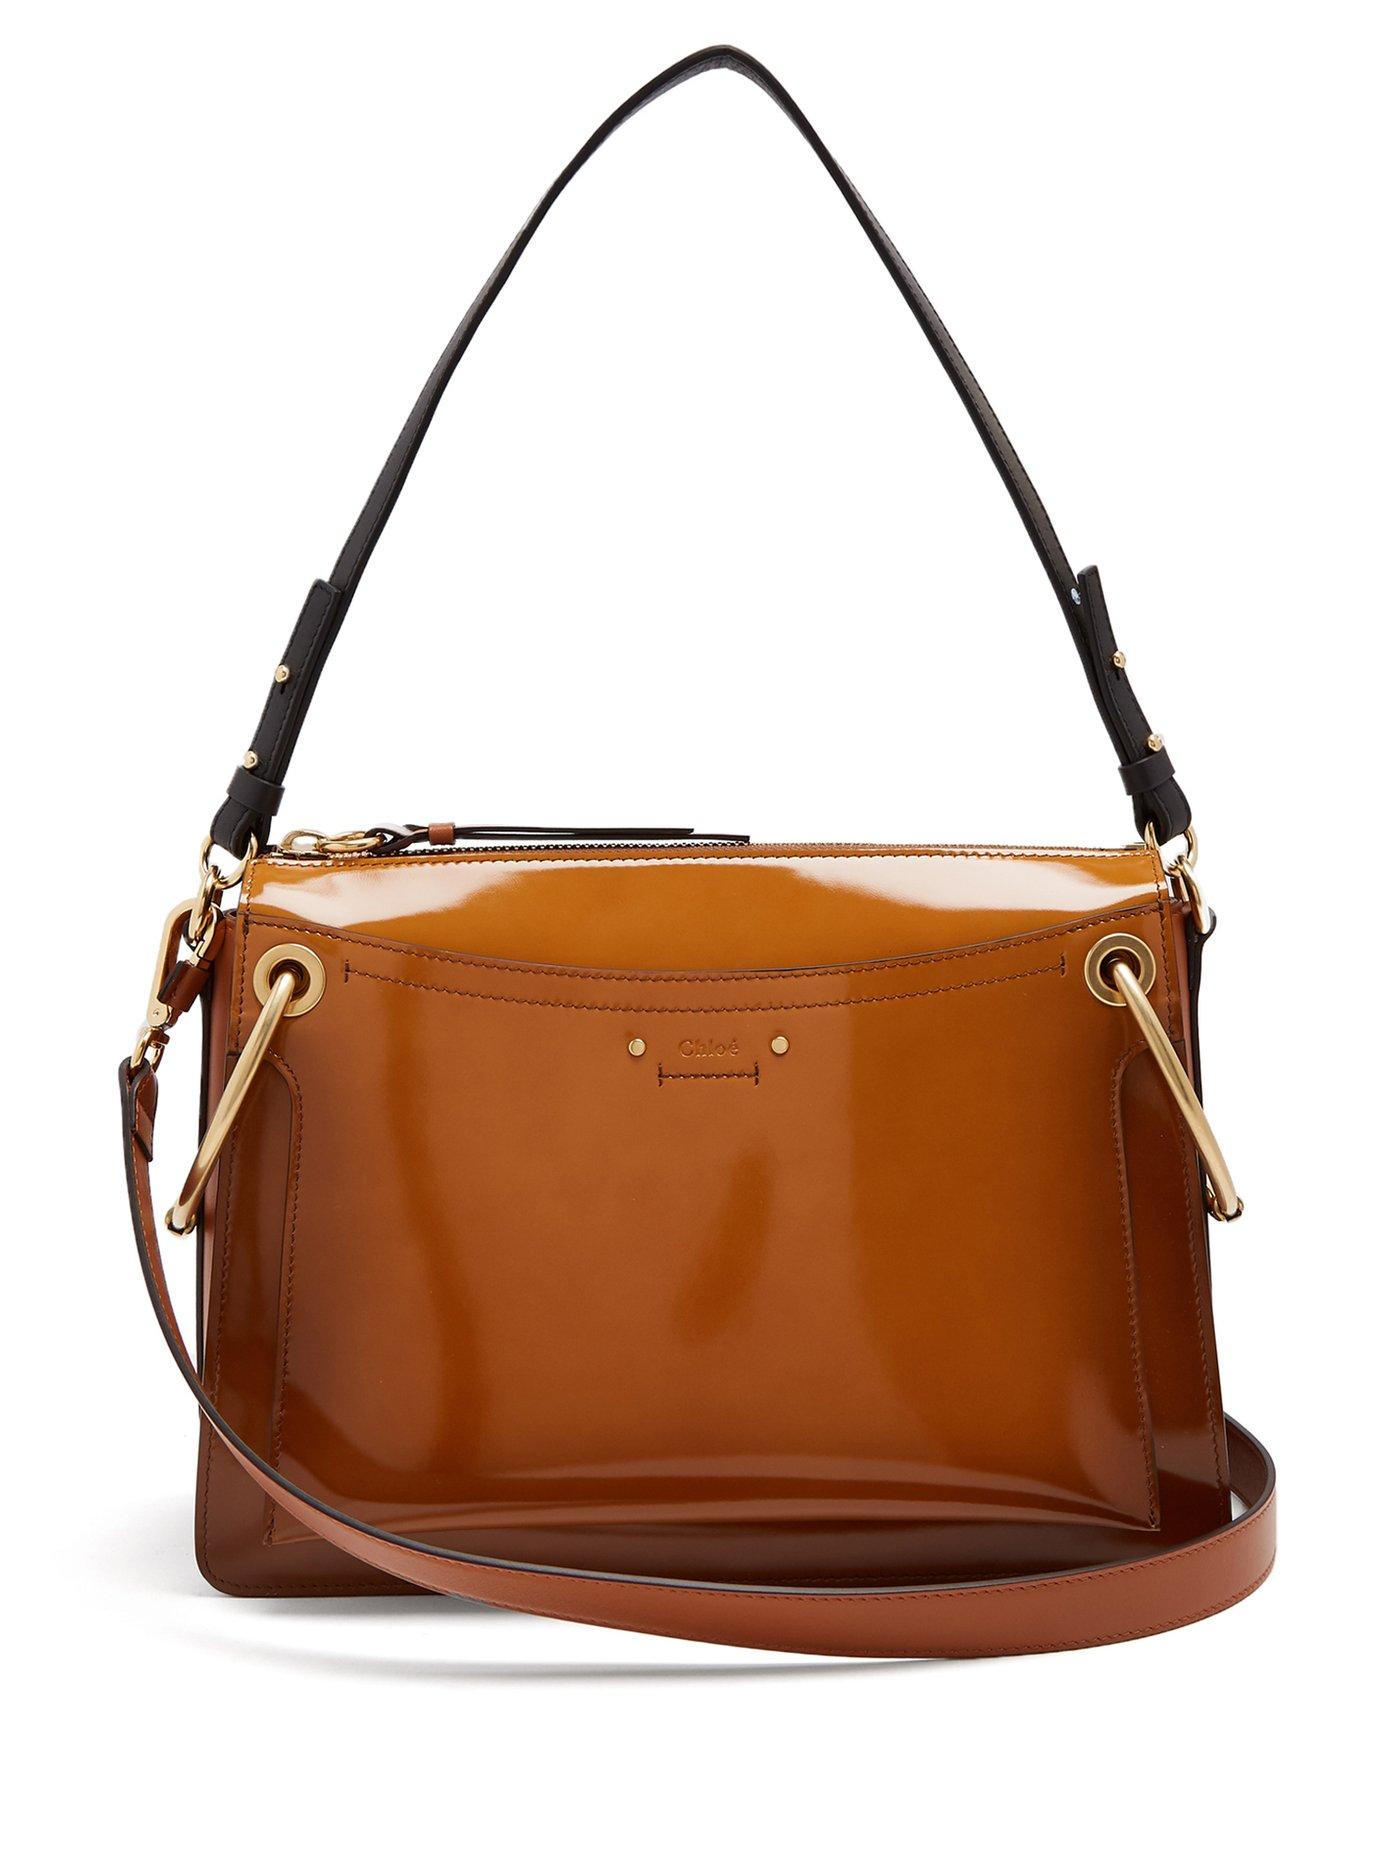 Chloe Medium Roy Bag